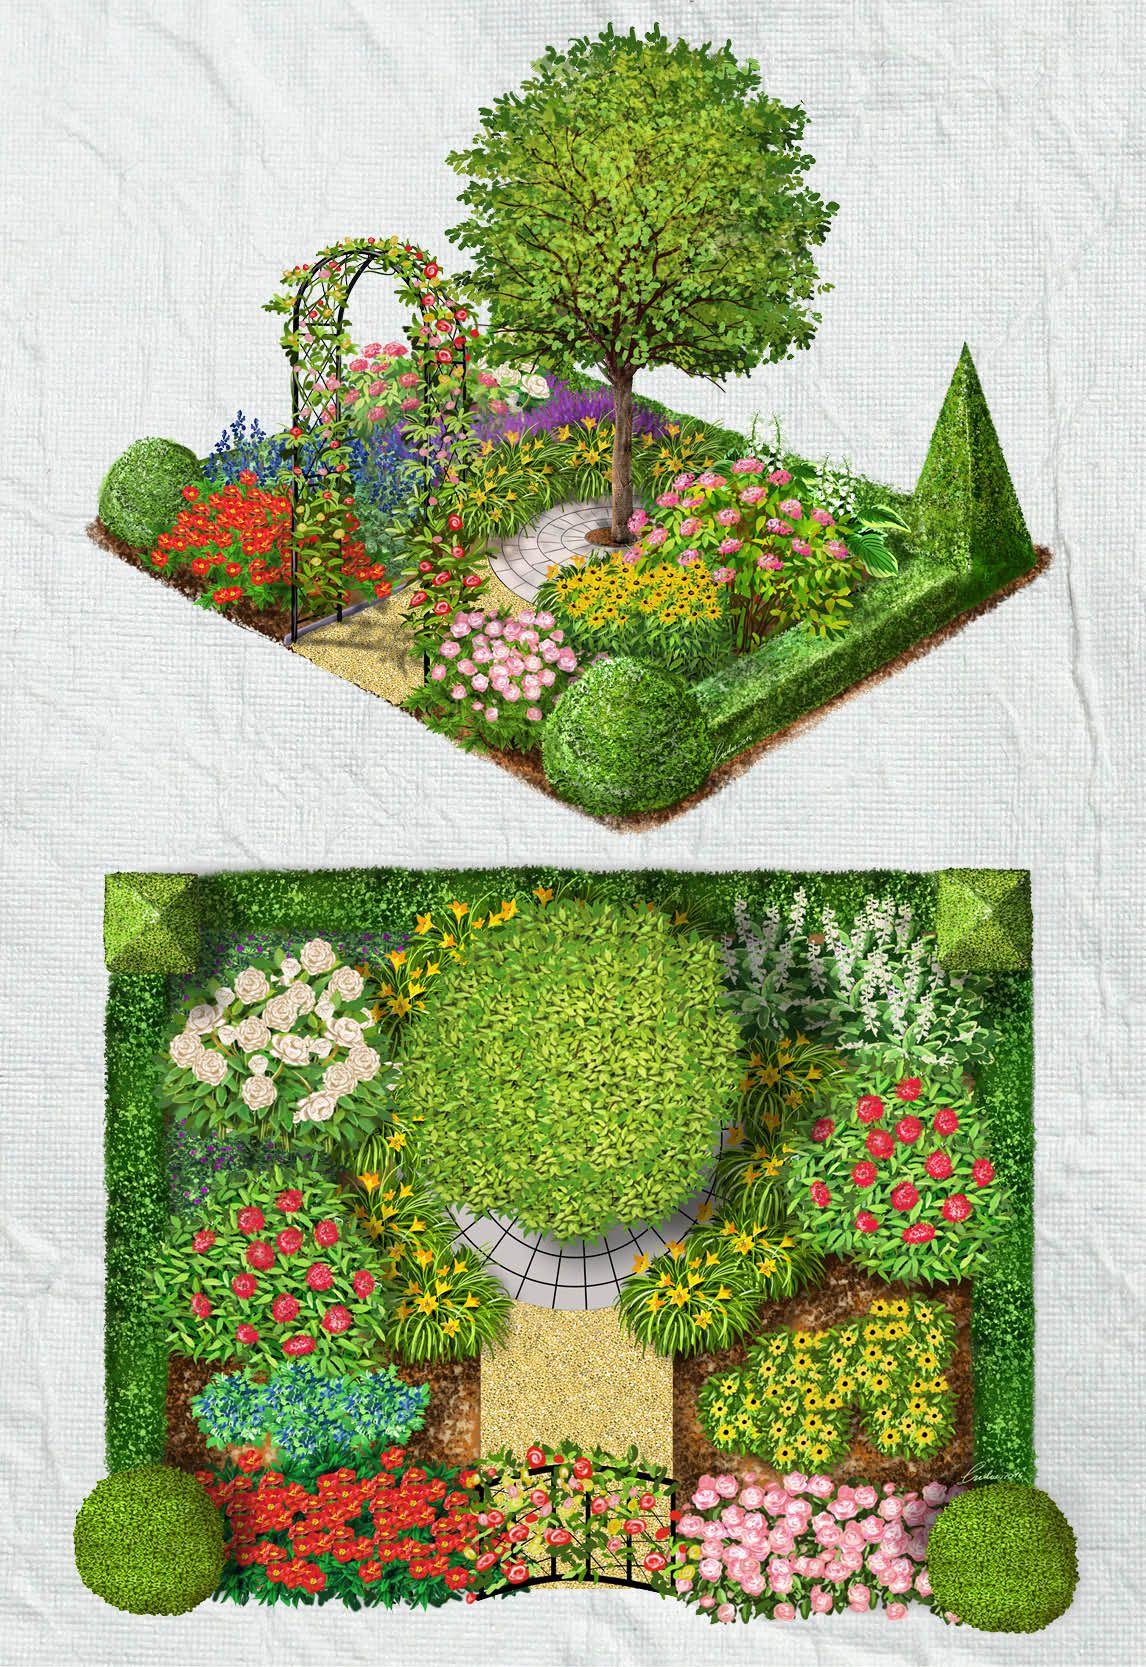 beet ganz einfach anlegen gestalten garden plan pinterest garten garten ideen und gartenbau. Black Bedroom Furniture Sets. Home Design Ideas